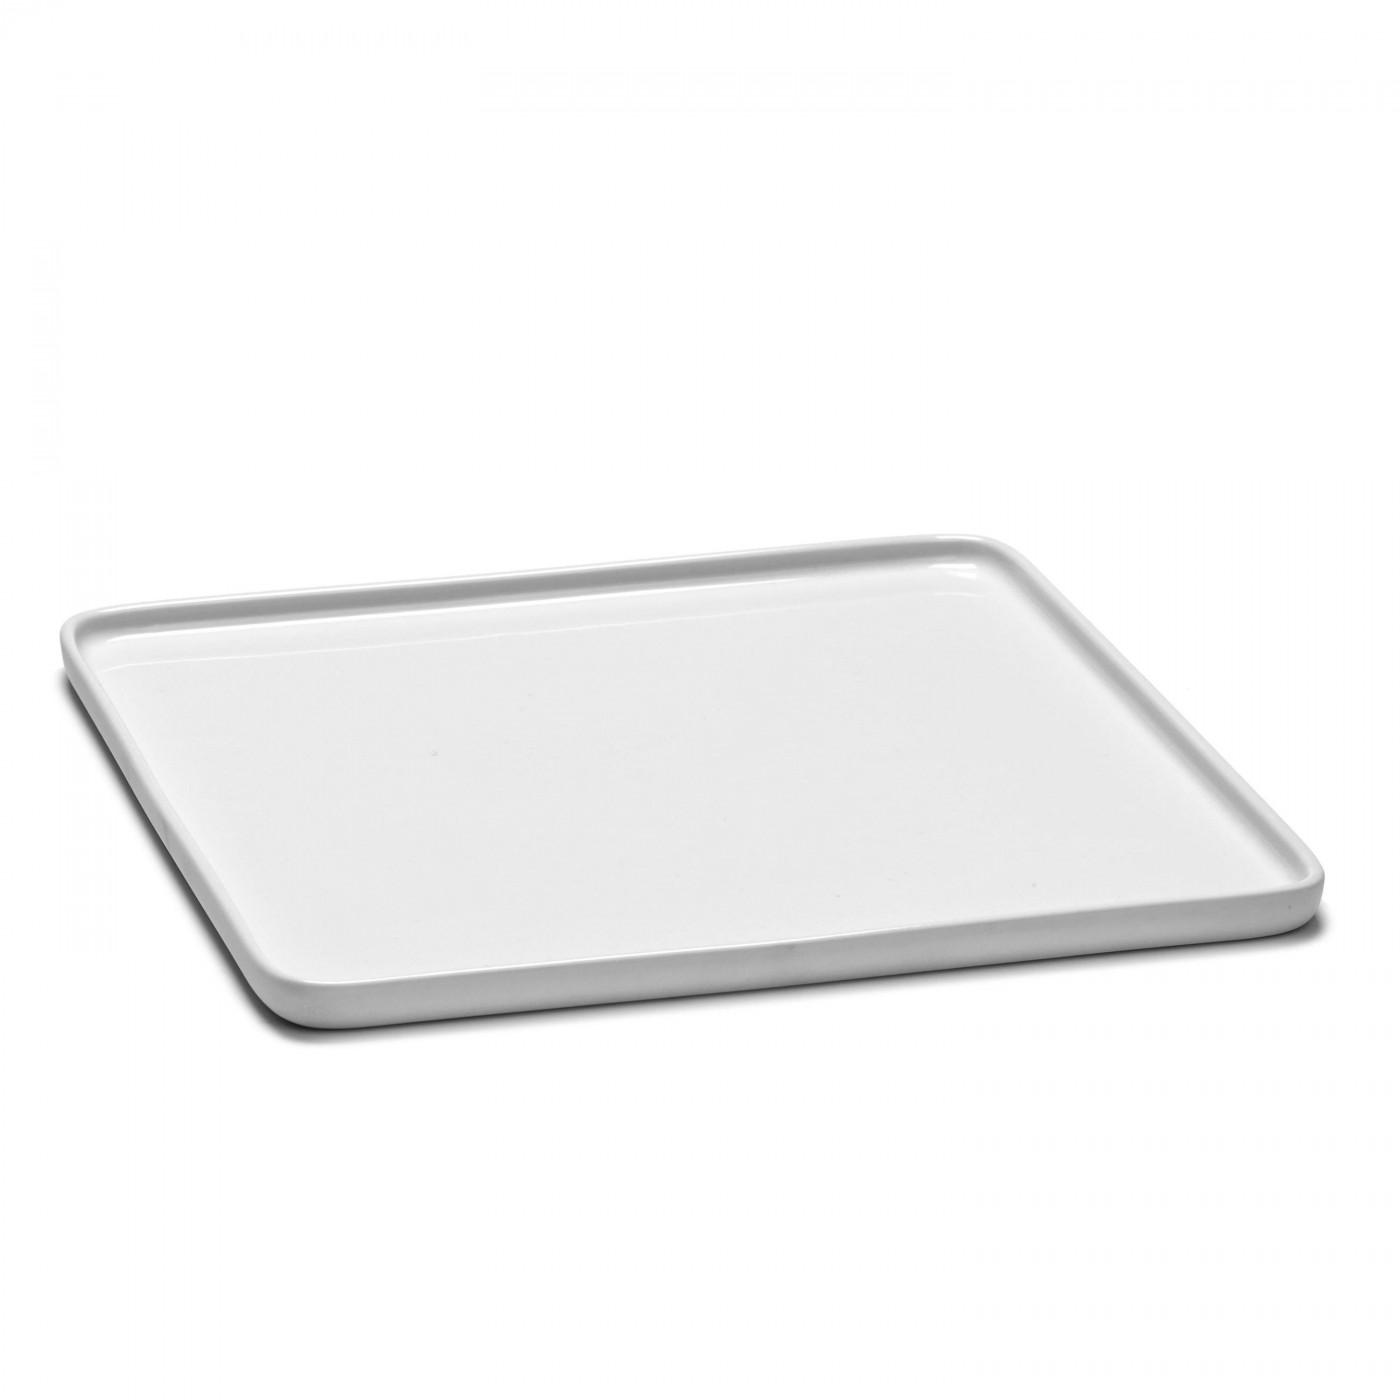 Assiette carrée en porcelaine blanche 24x24cm